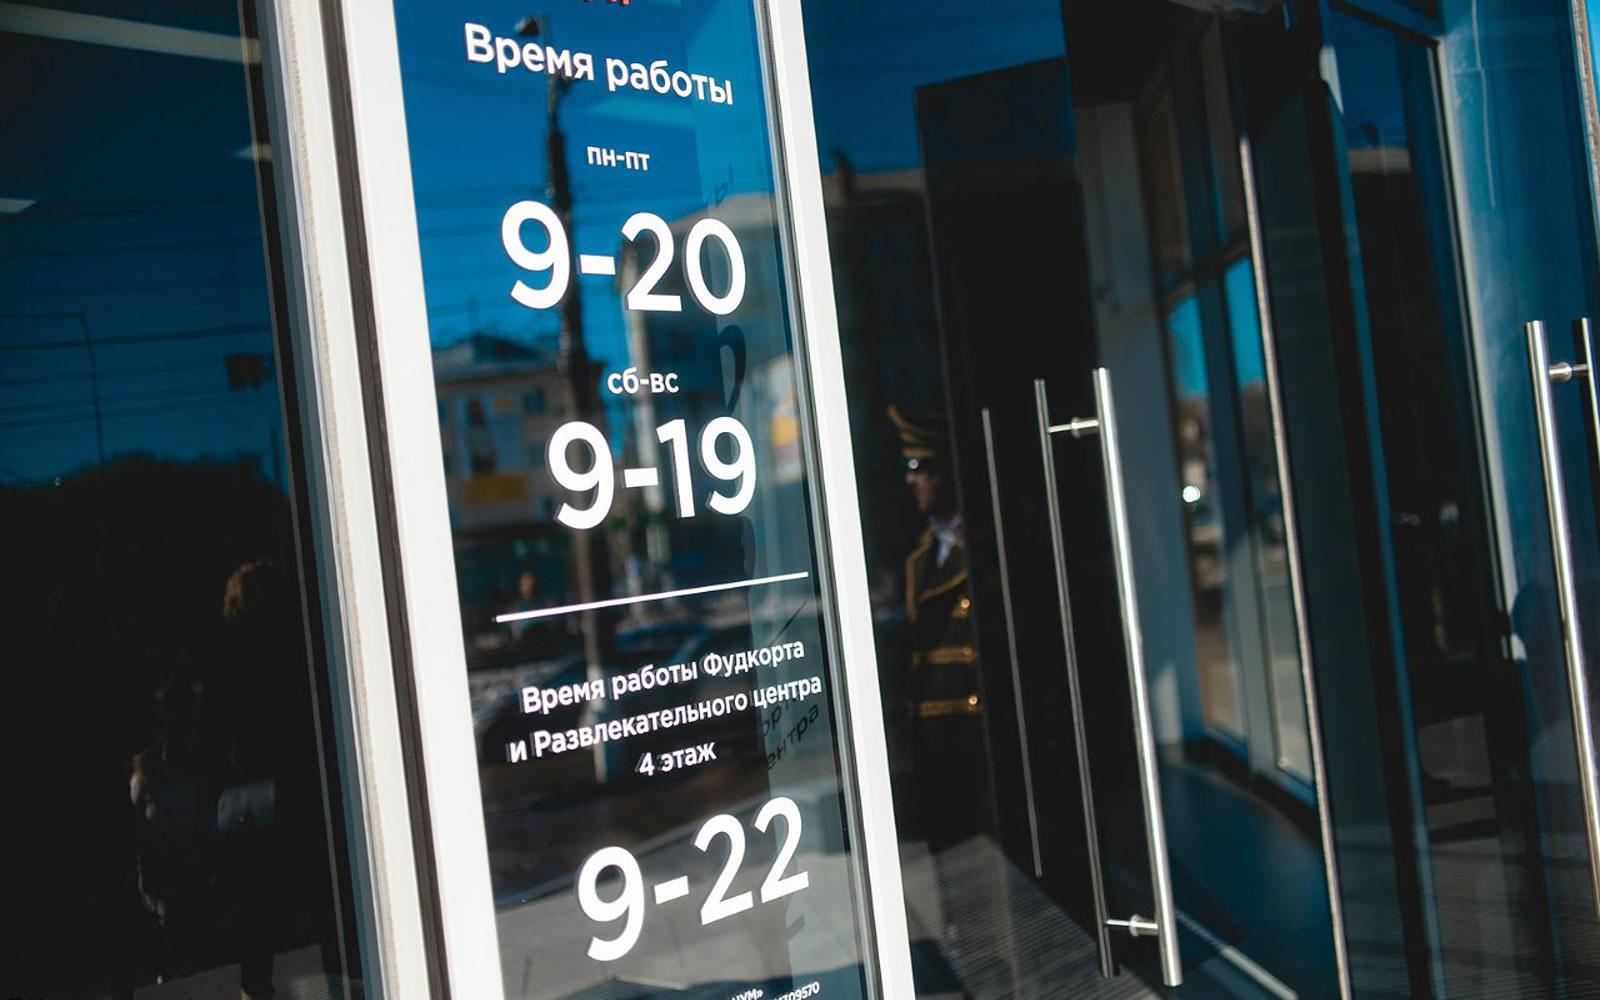 Вход в ТЦ «Вятка-ЦУМ» в Кирове